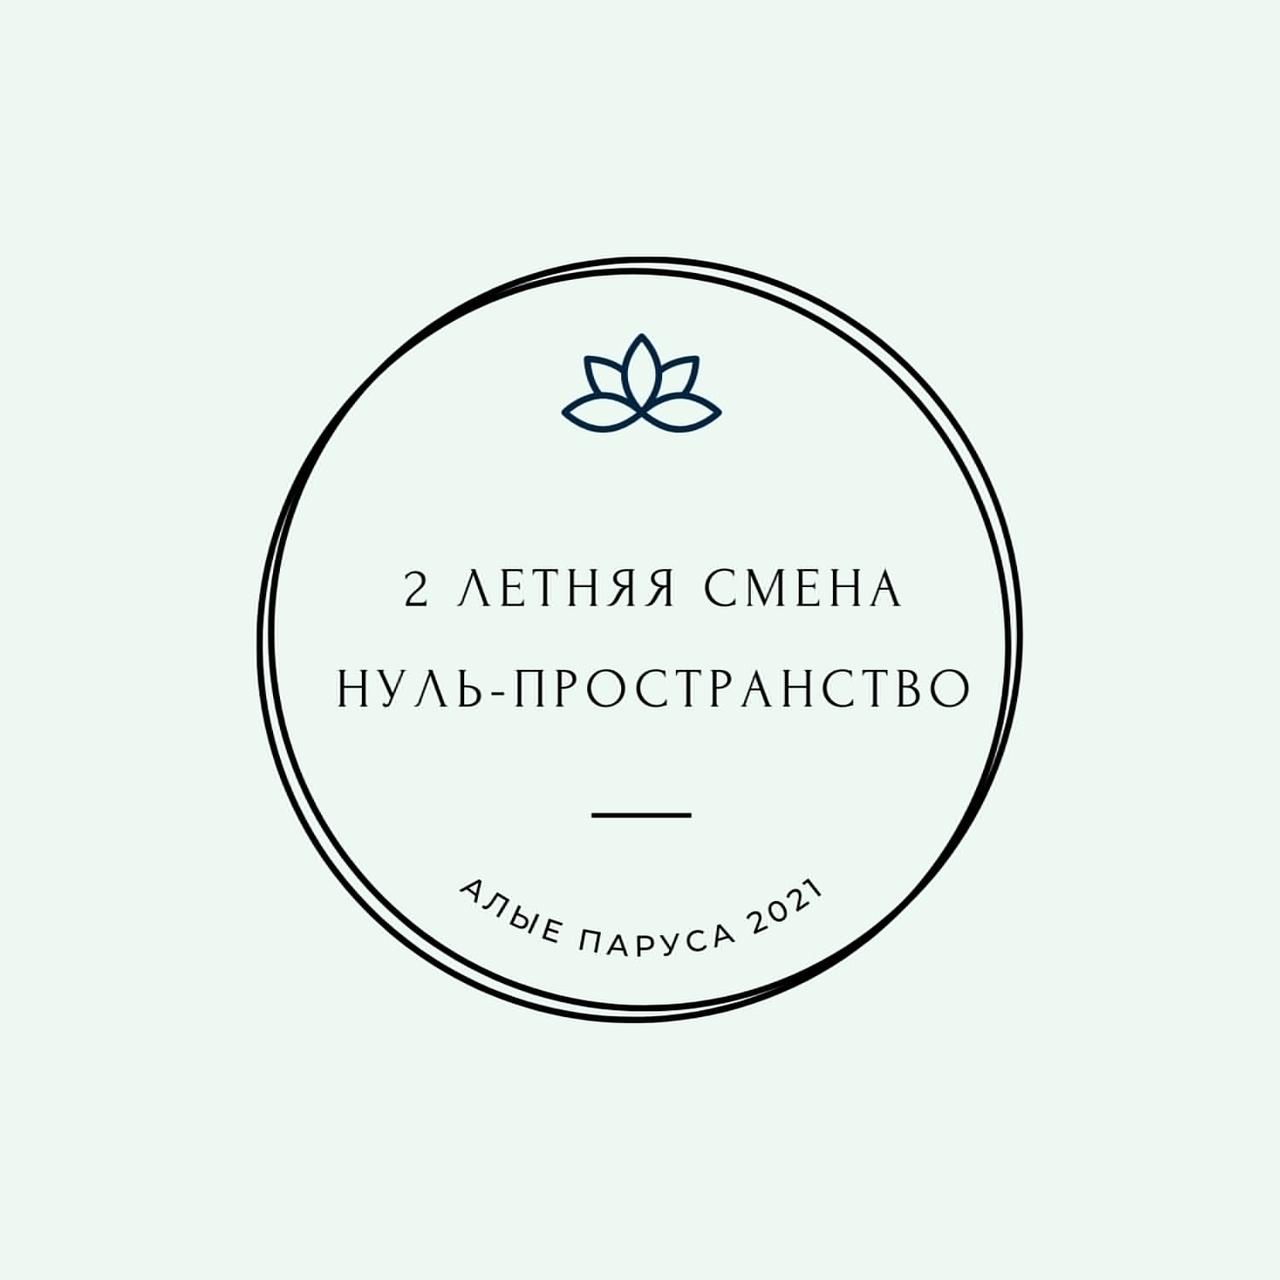 Афиша Тюмень 2 летняя смена. Нуль-пространство